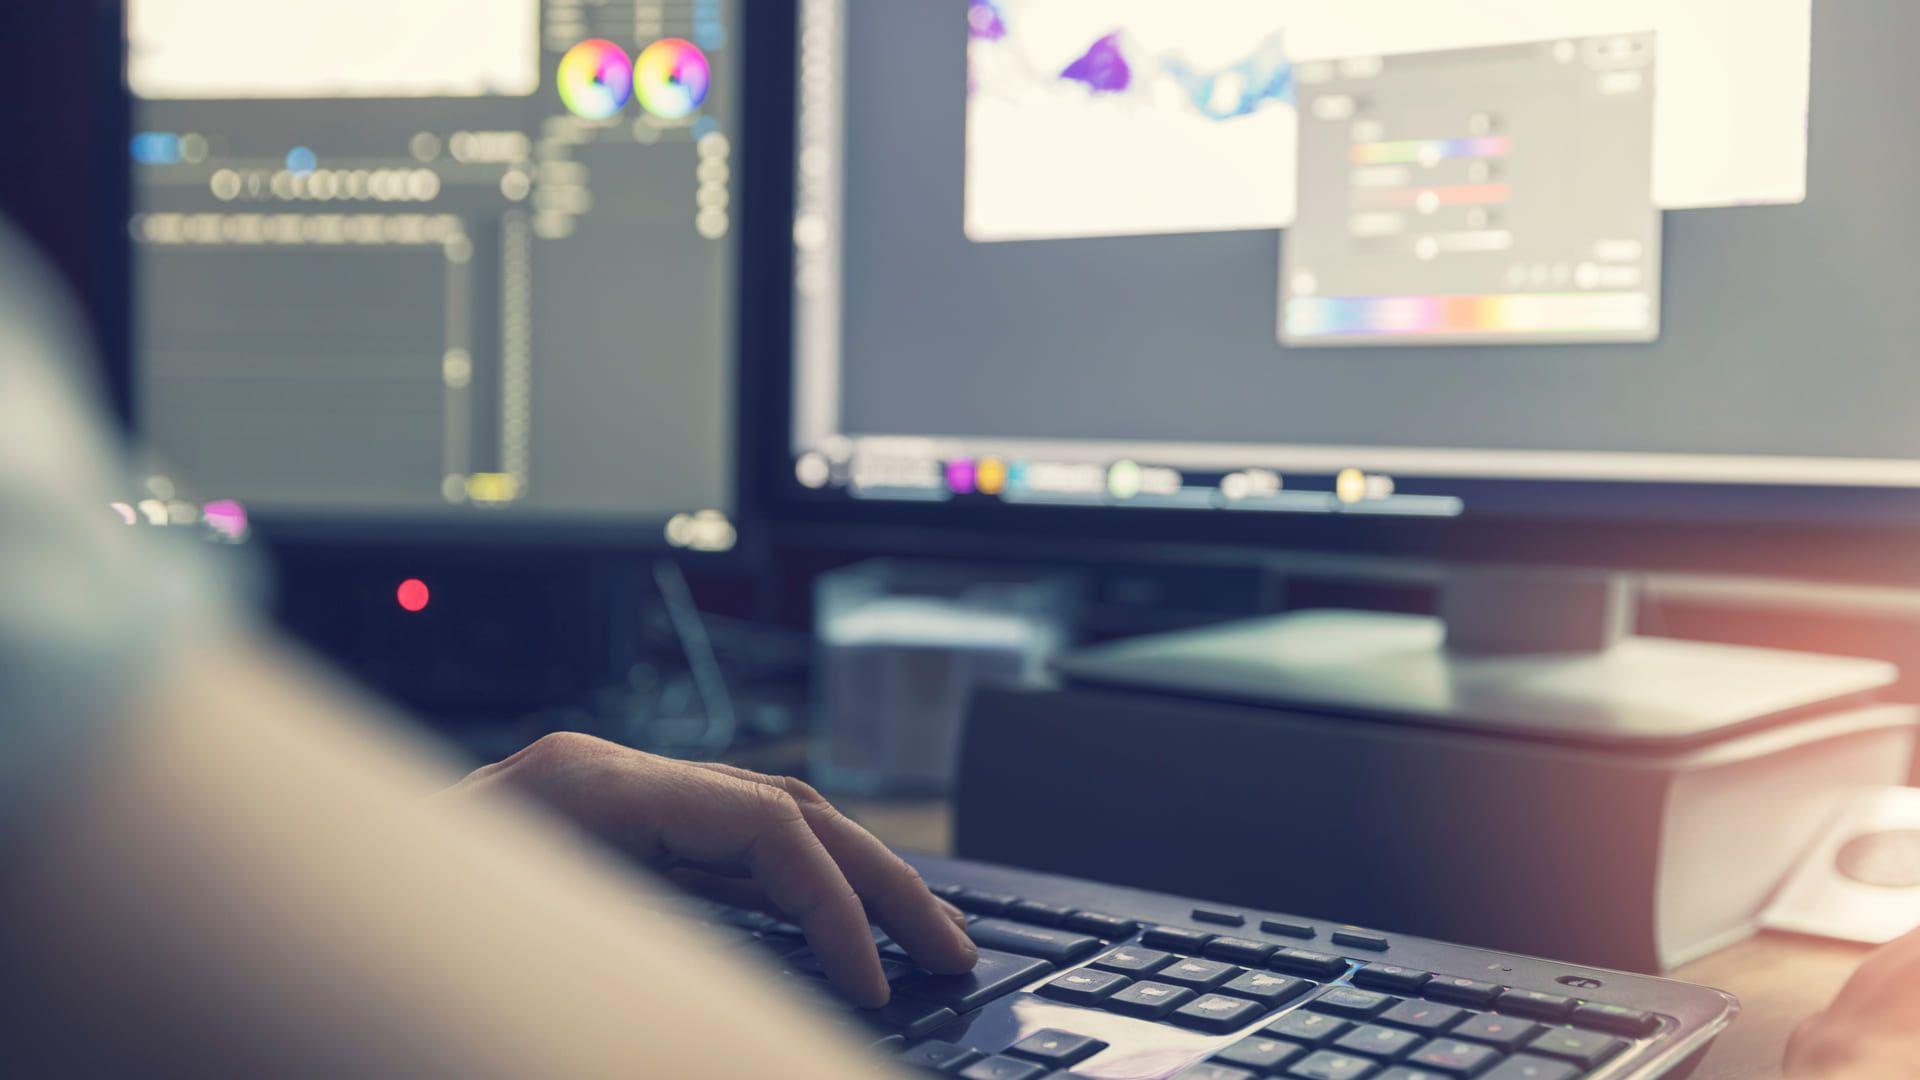 A renderização depende de um computador com configurações mais robustas. (Fonte: Shutterstock)